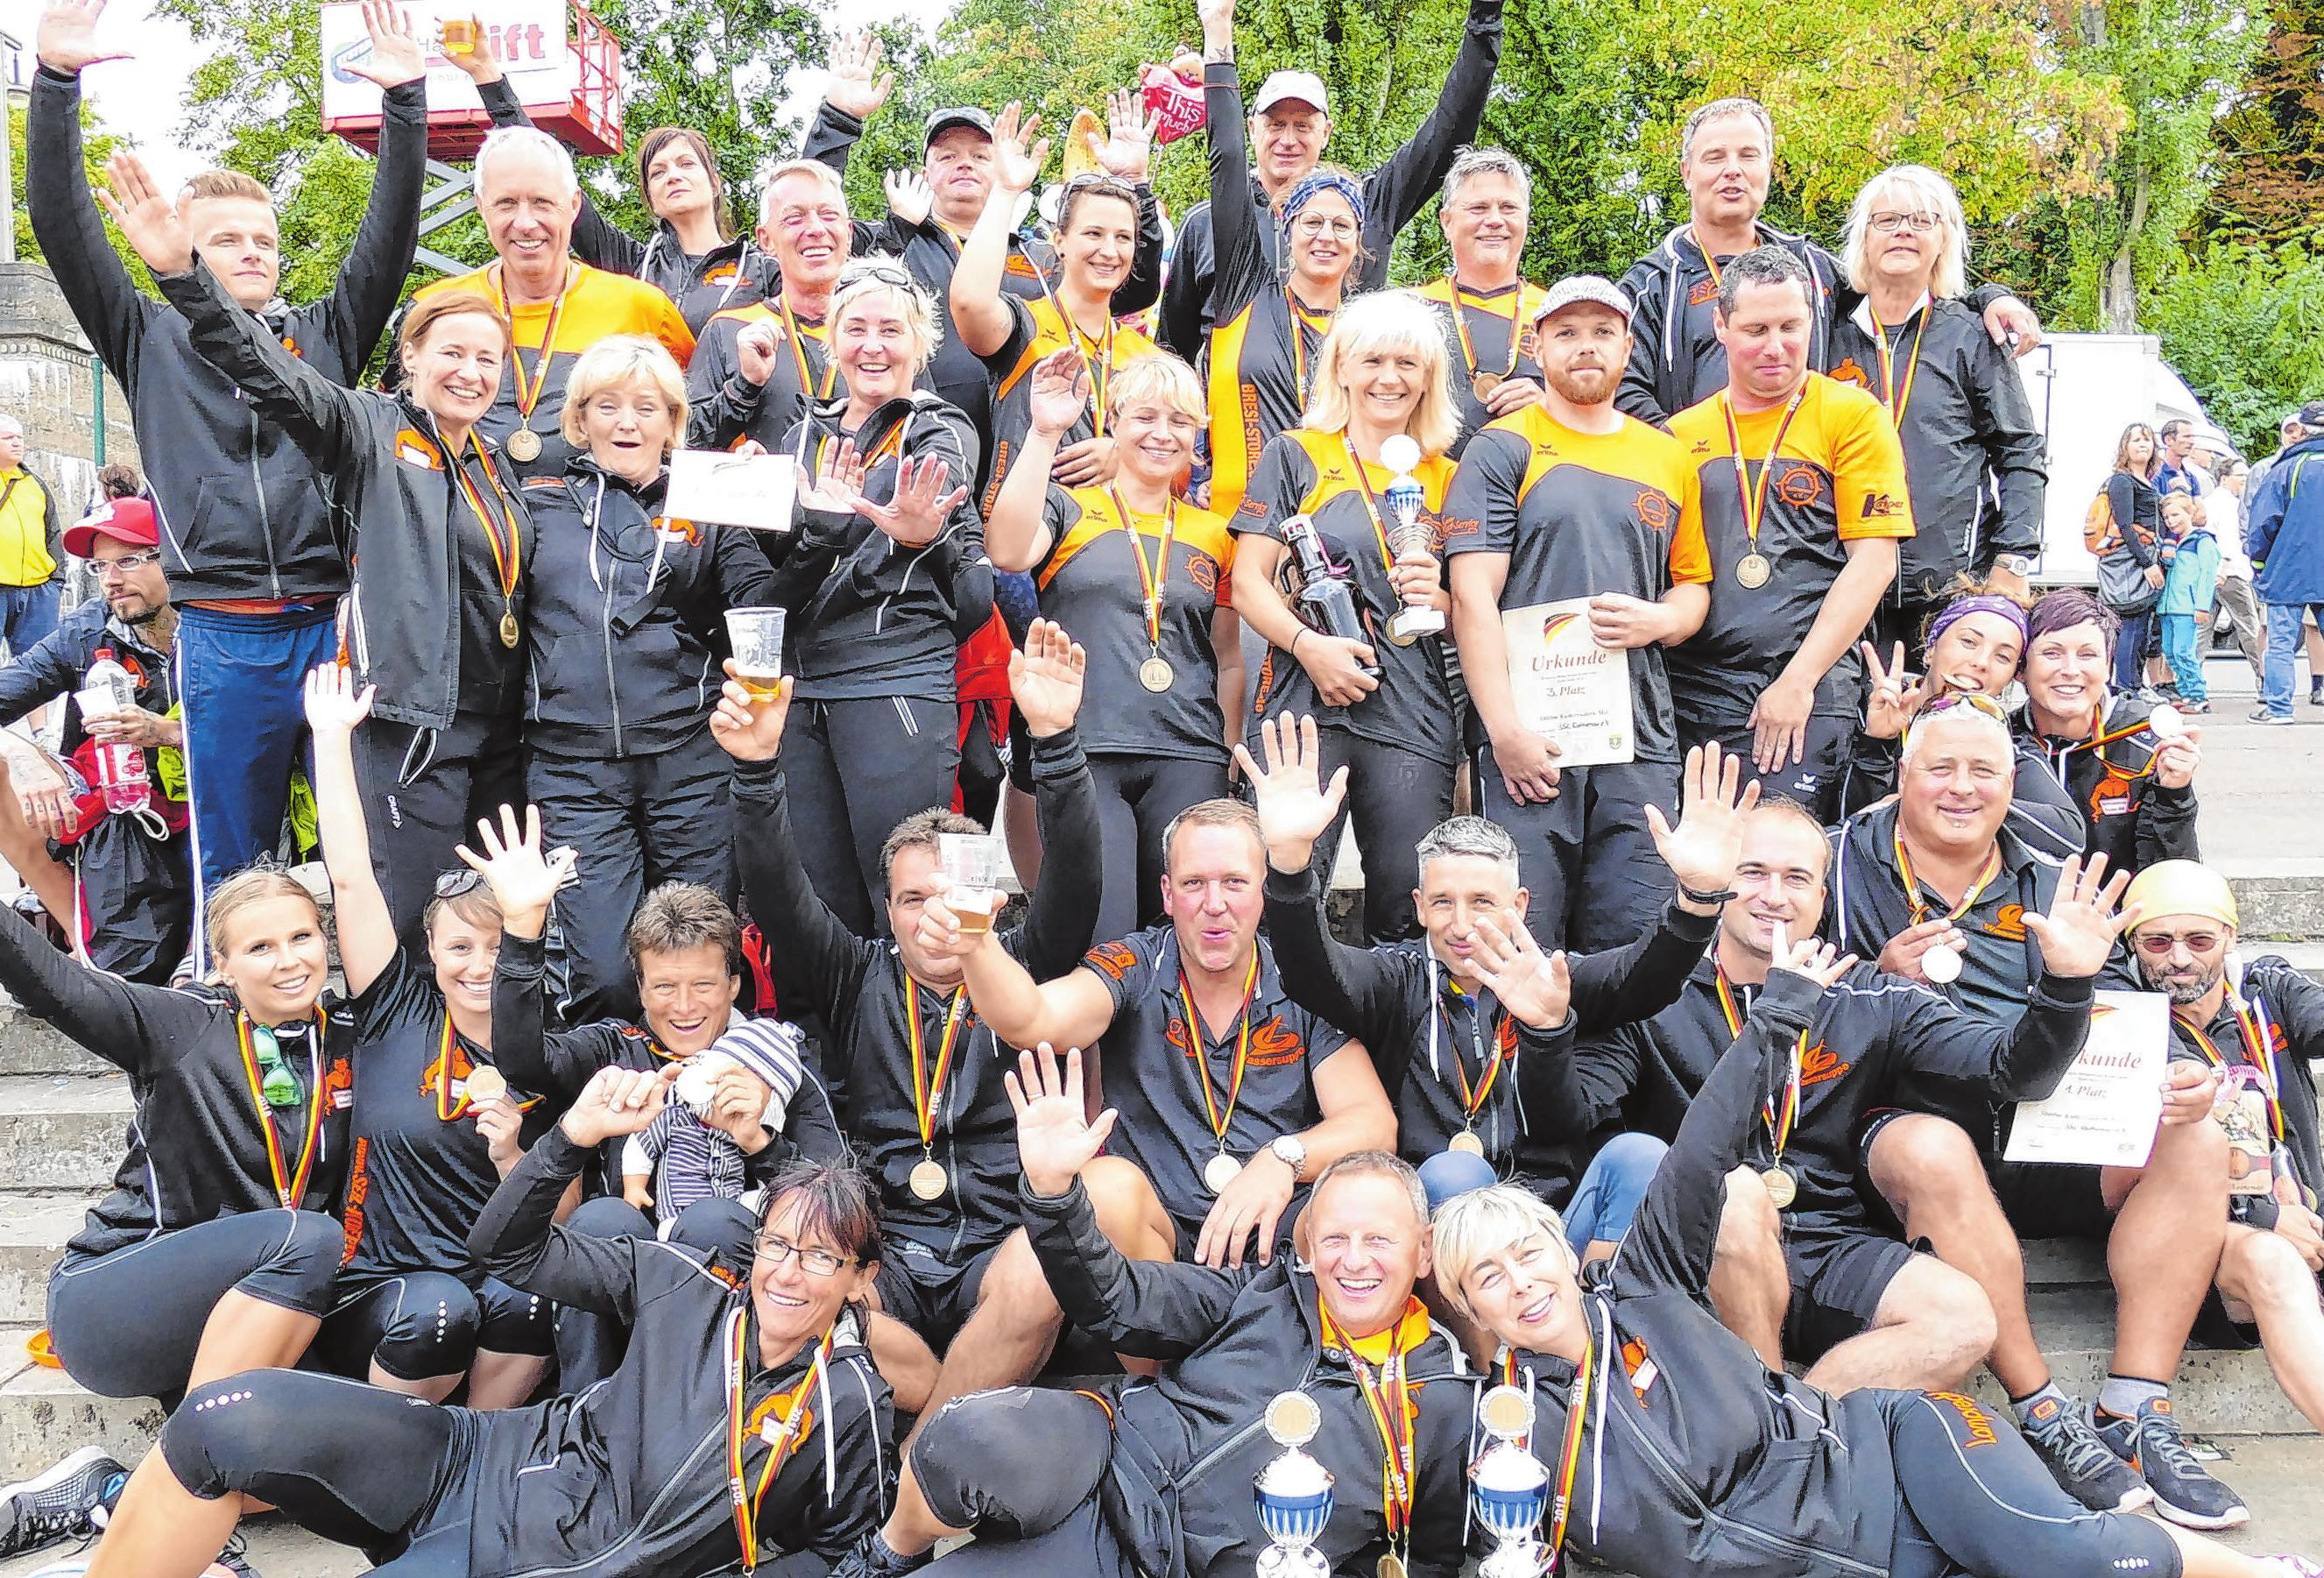 2018 holten die Rathenower Meistertitel. Fotos: privat